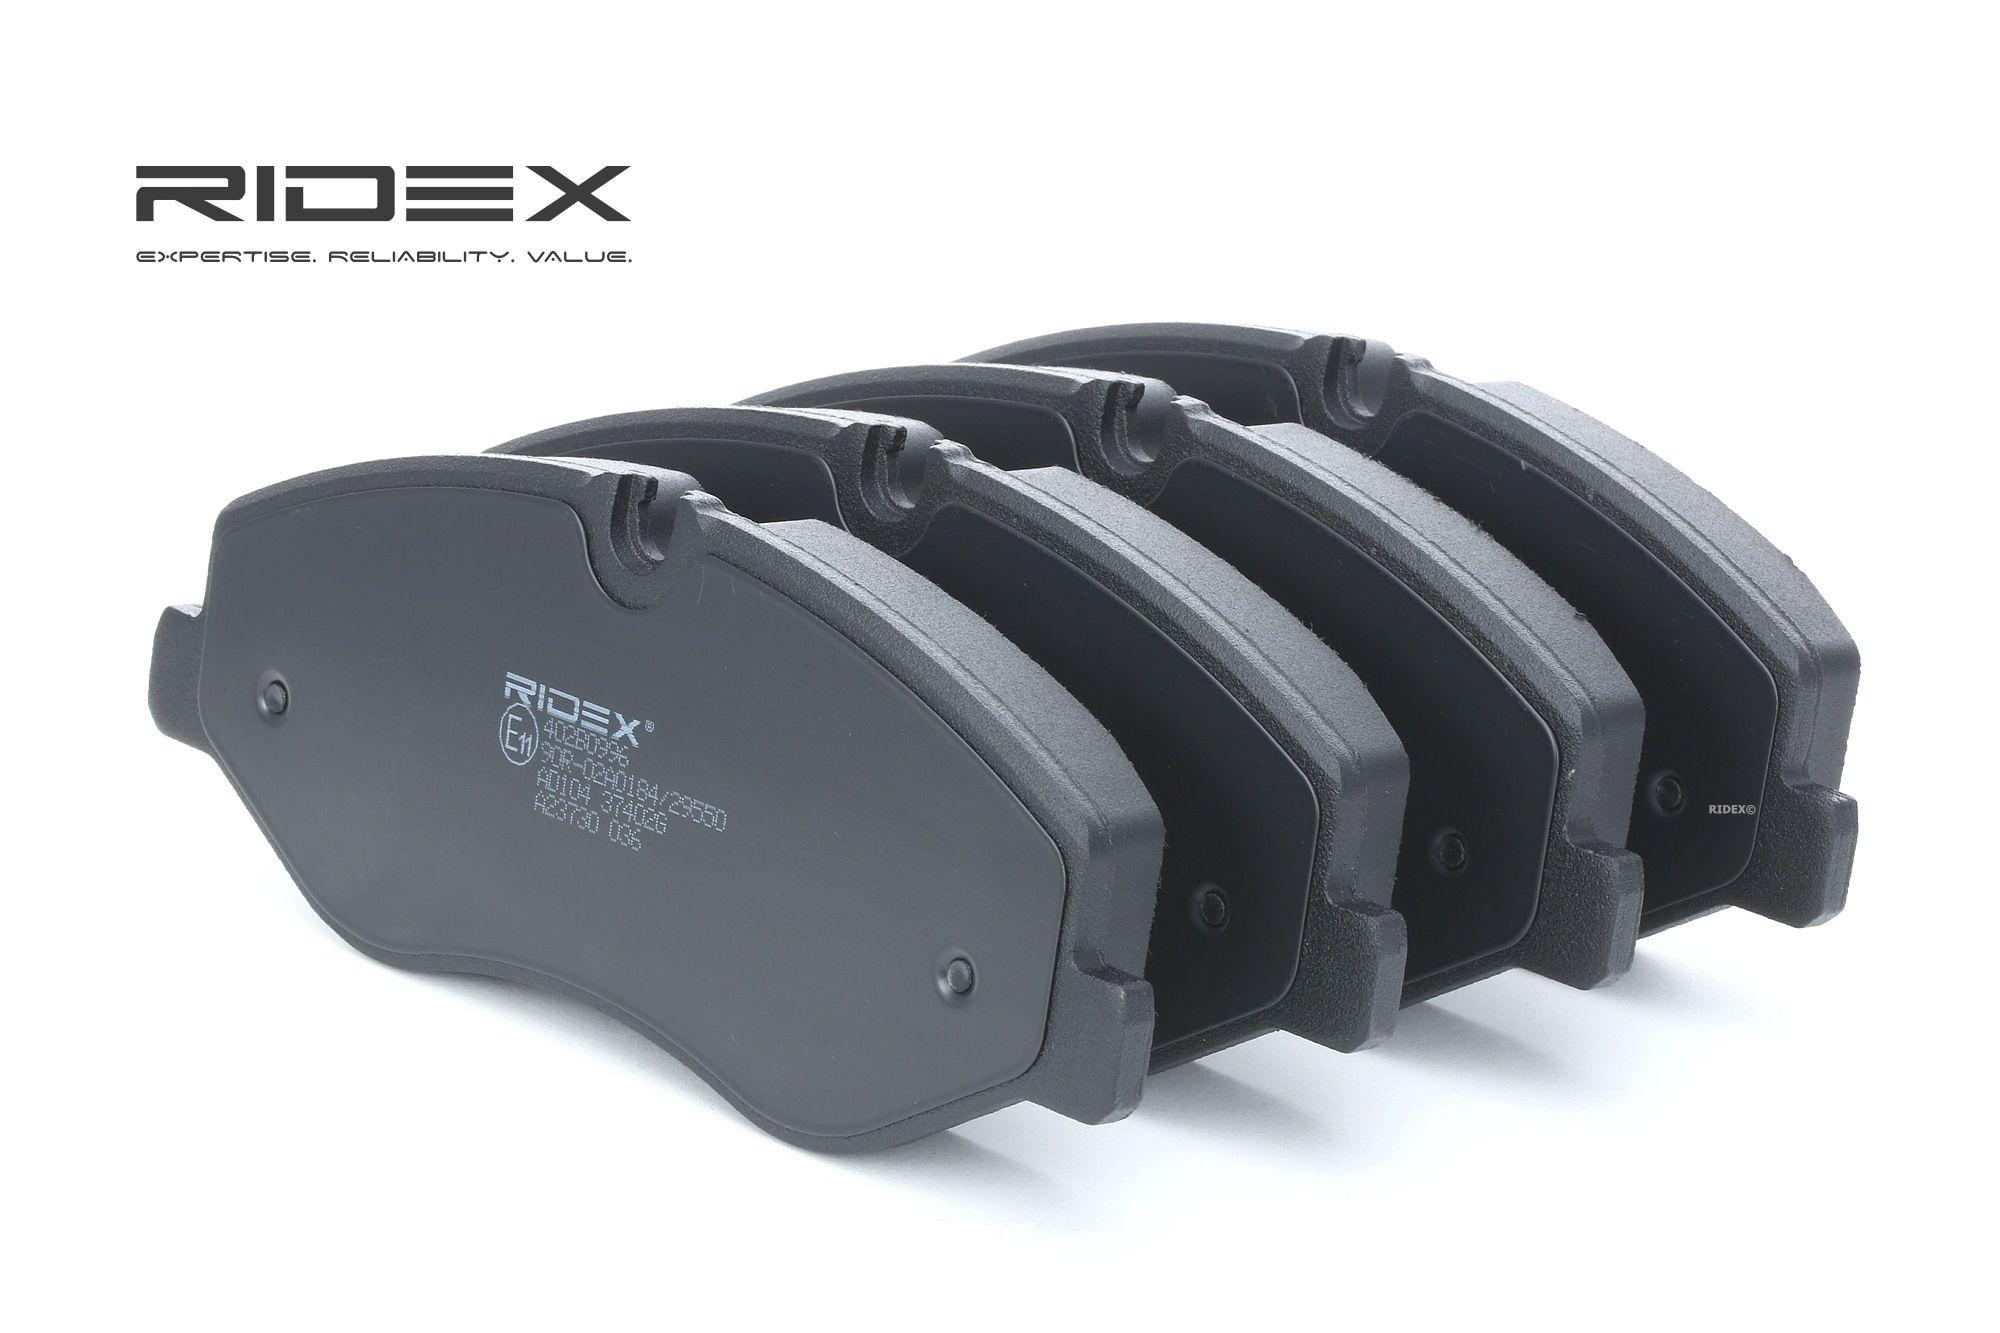 MERCEDES-BENZ MARCO POLO 2020 Bremsbelagsatz - Original RIDEX 402B0996 Höhe: 74,8mm, Breite: 184,1mm, Dicke/Stärke: 20,8mm